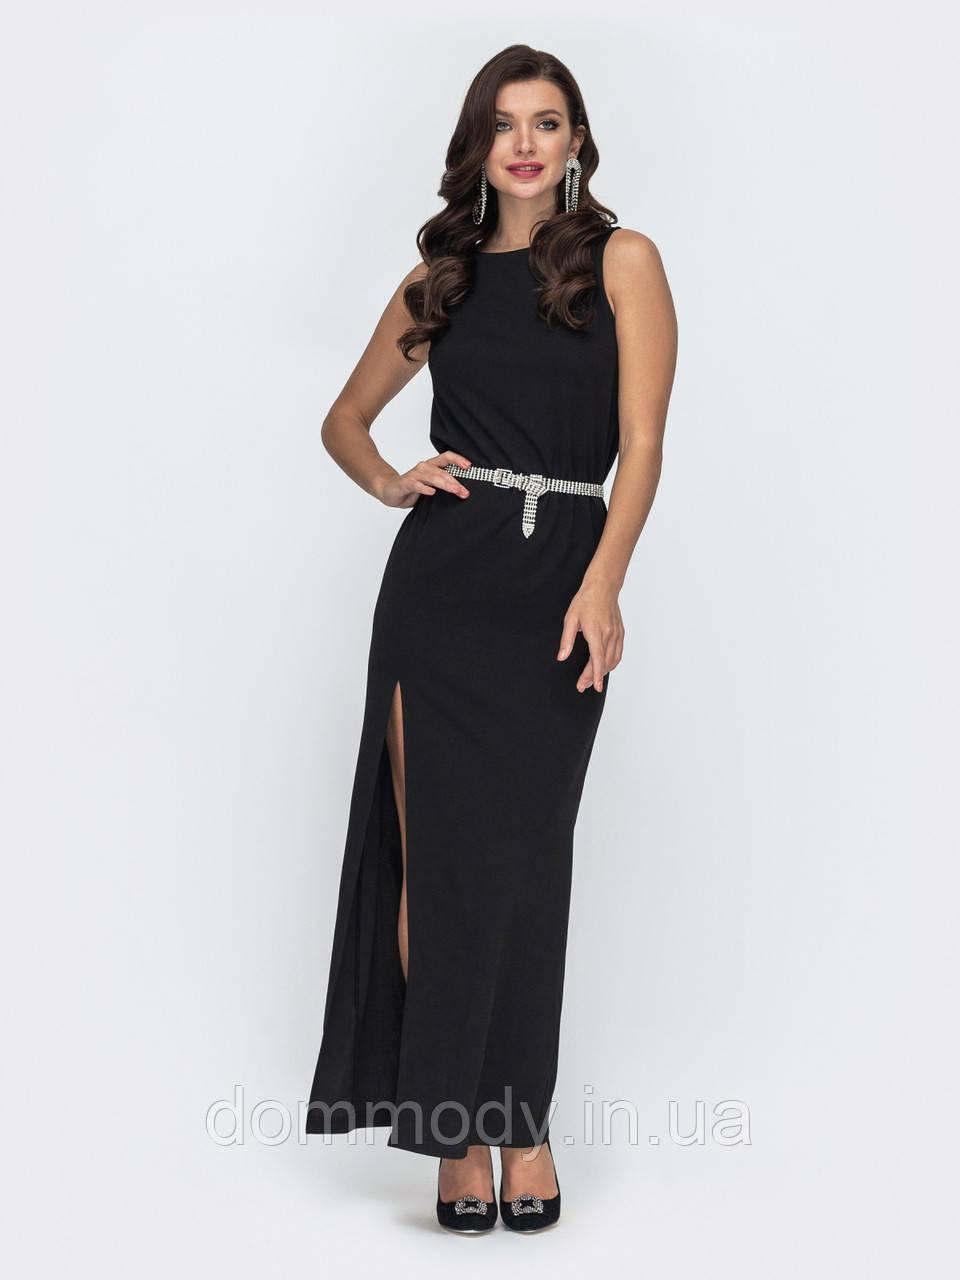 Платье женское Sabrina черного цвета